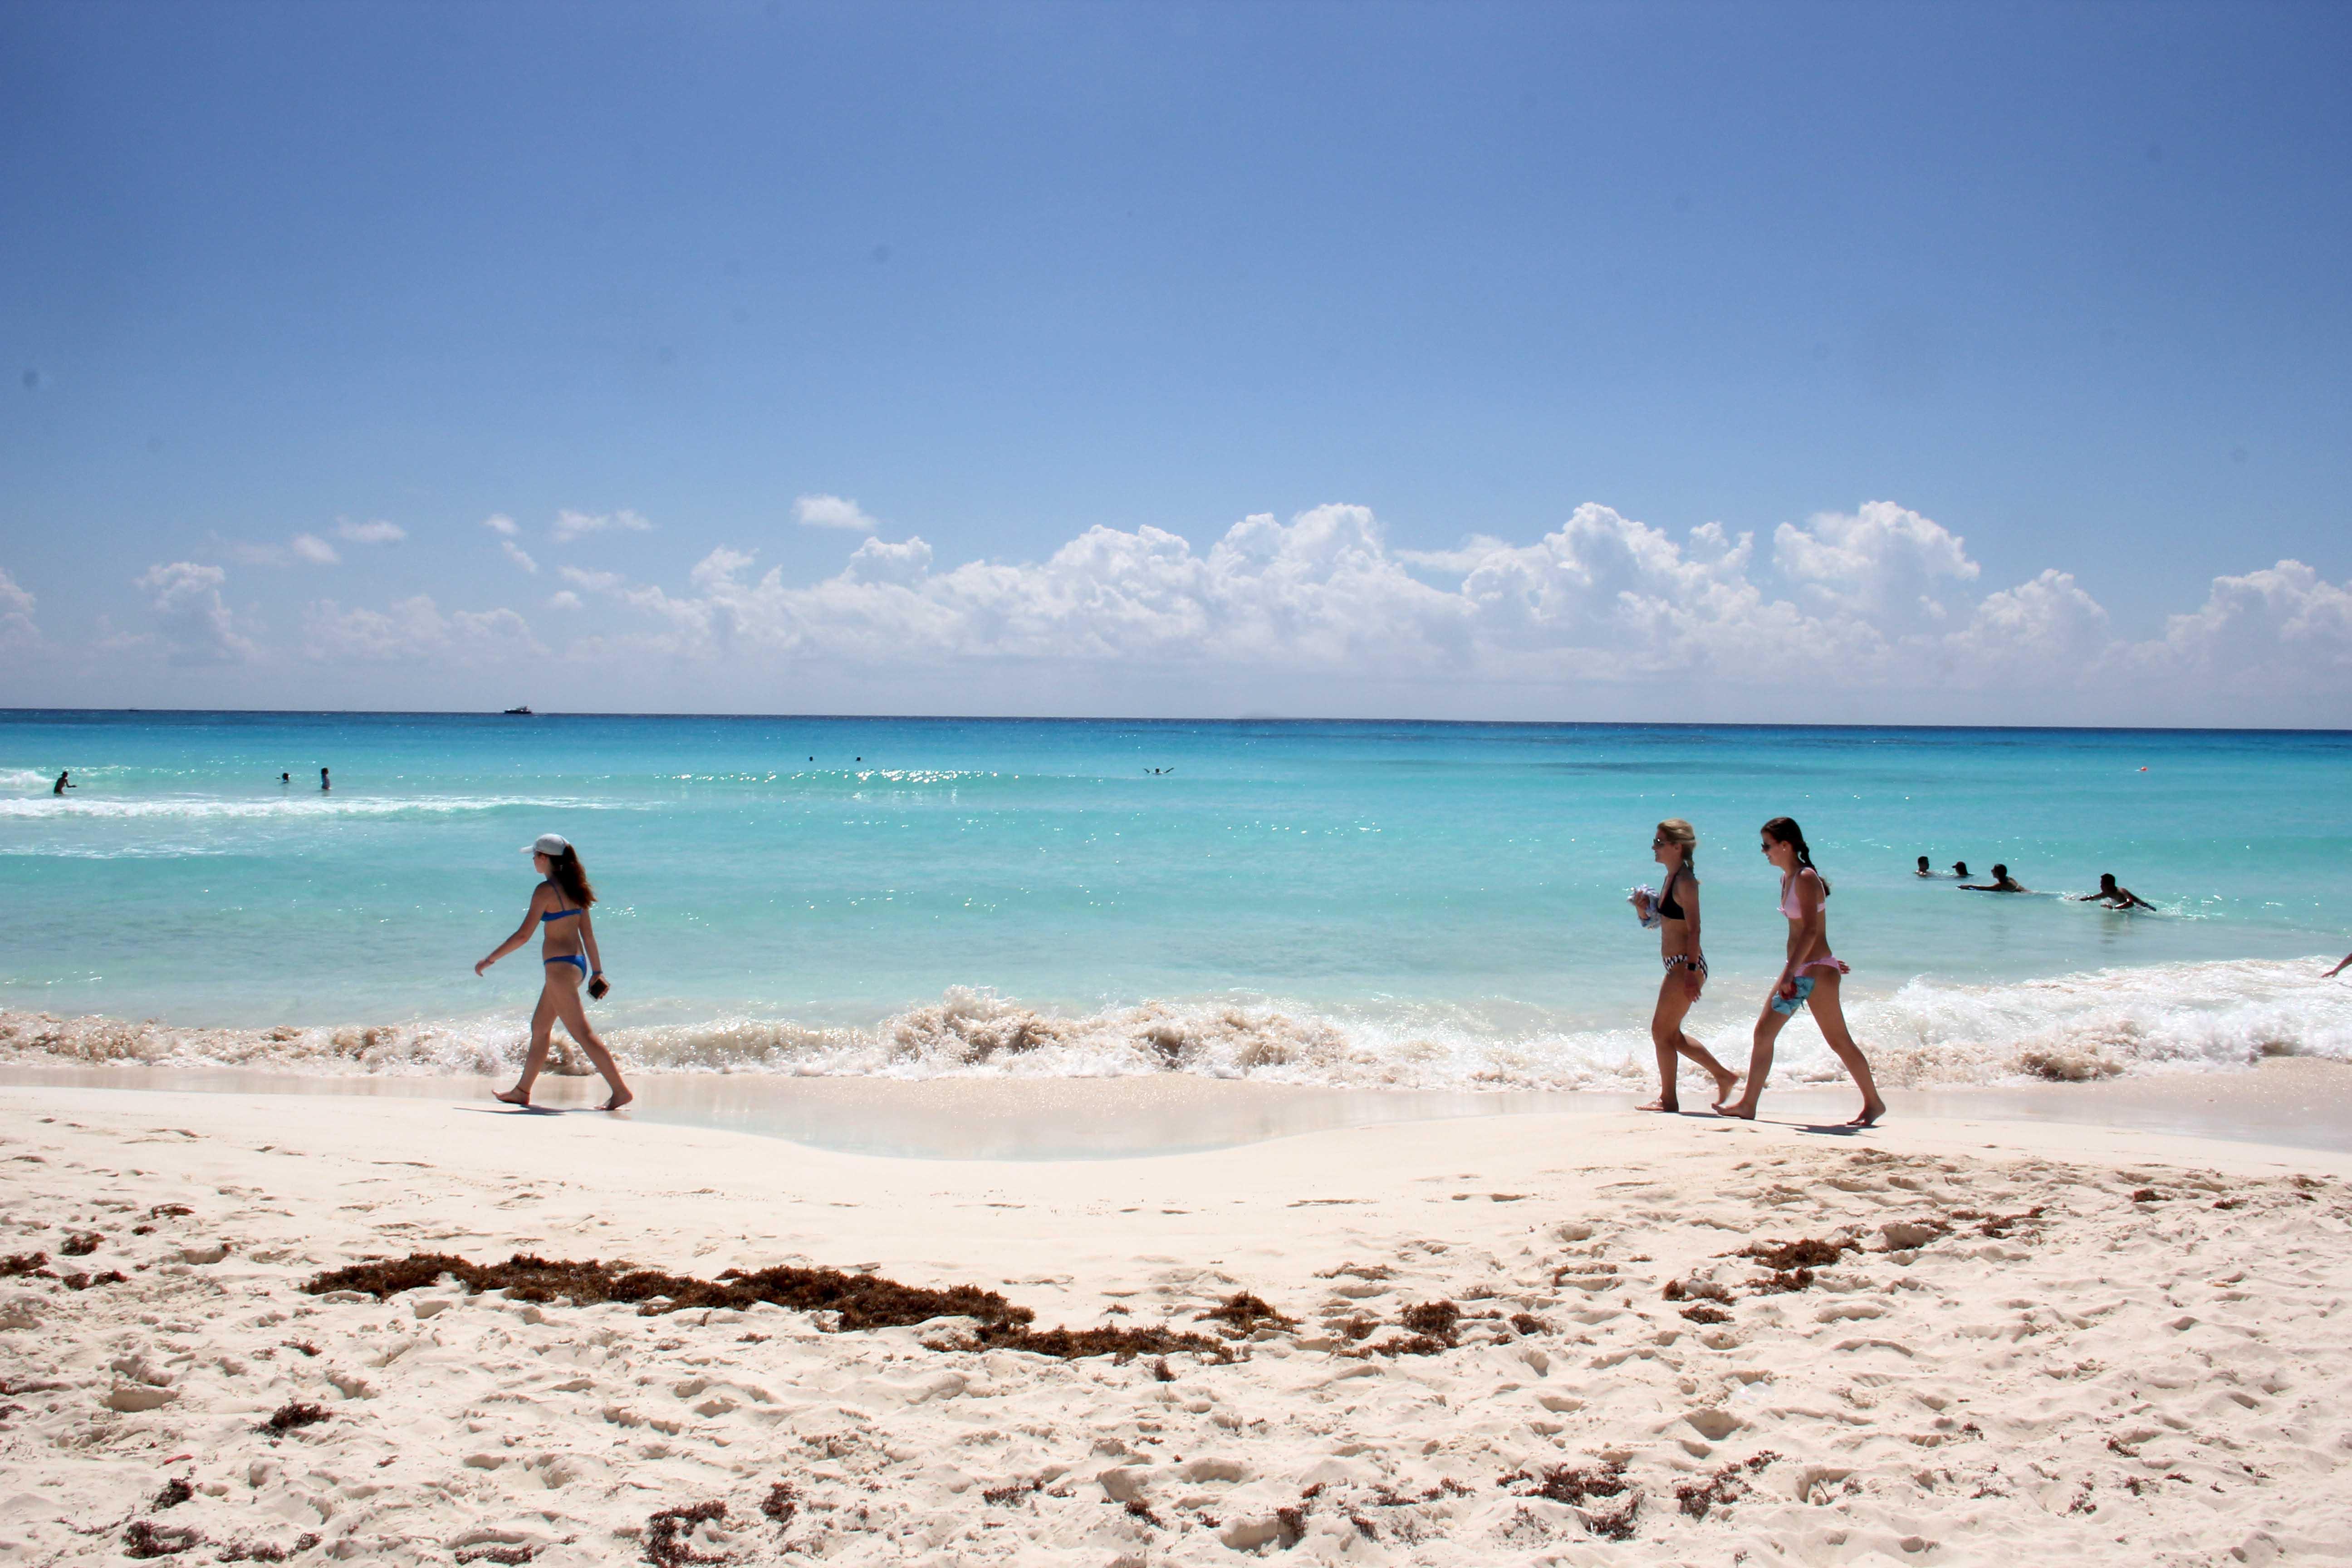 los hoteles del centro de Cancún reportan 70.6% de ocupación hotelera